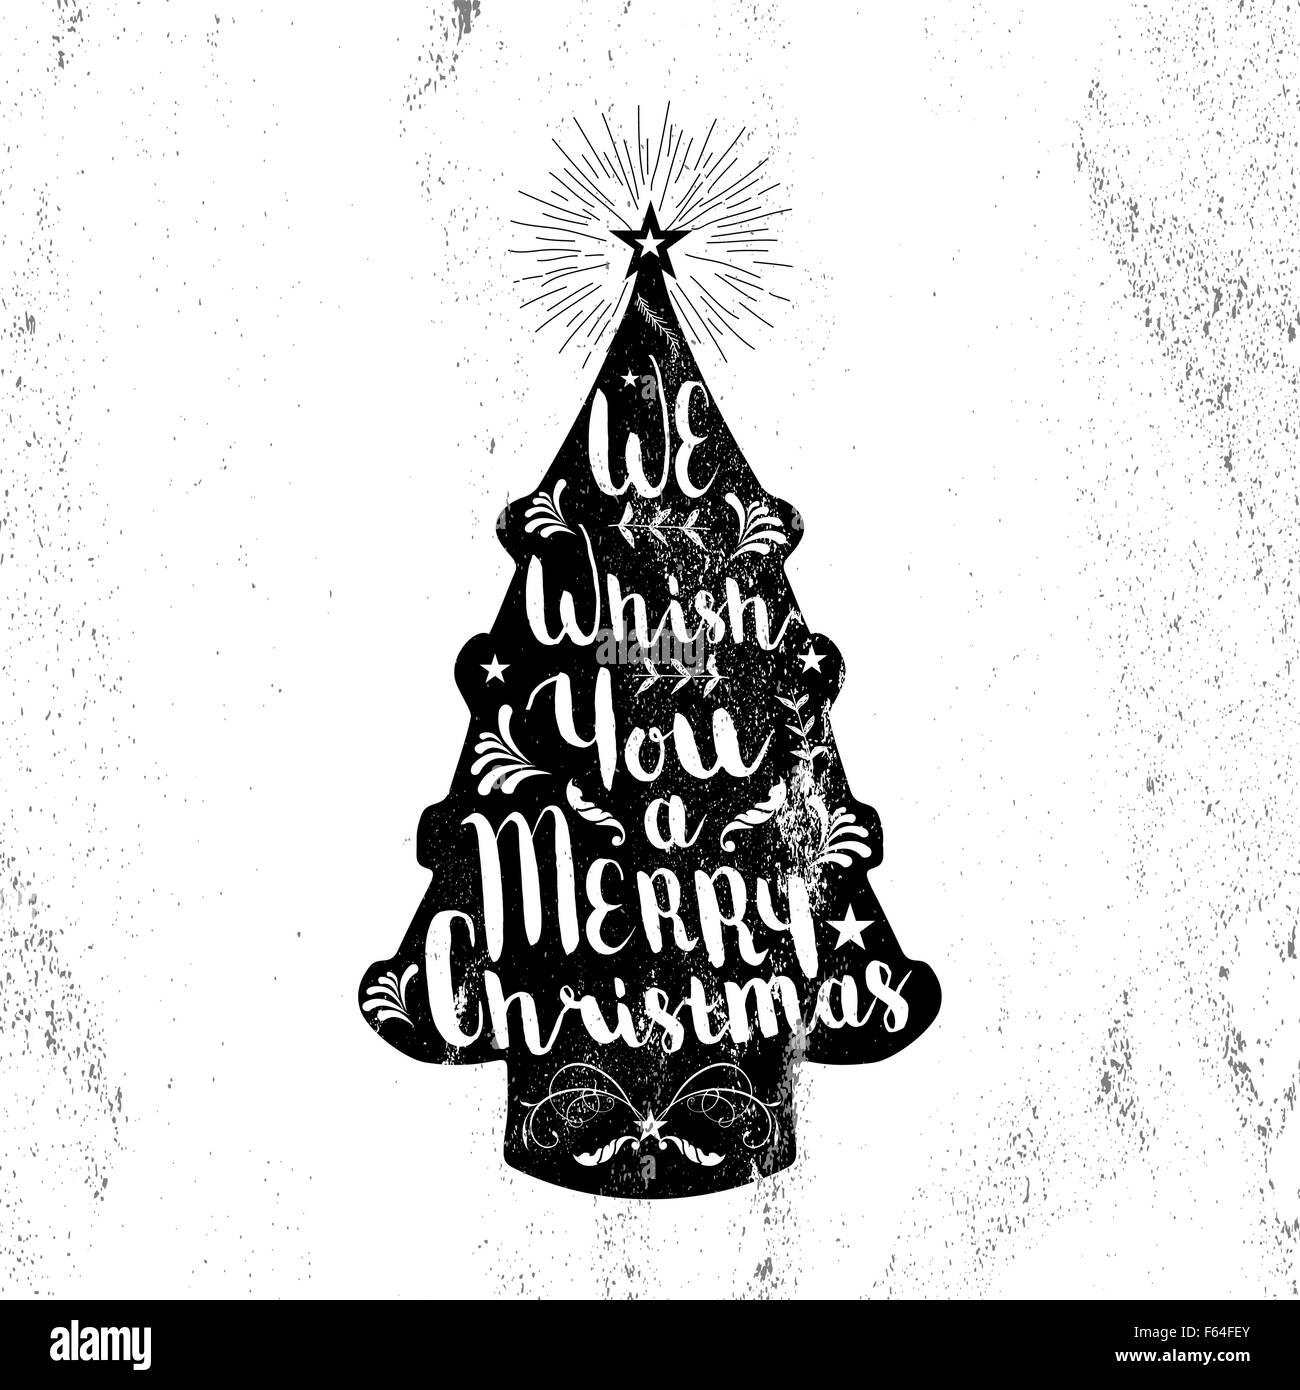 frohe weihnachten schwarz wei hipster kiefer baumform auf papier textur hintergrund mit vintage. Black Bedroom Furniture Sets. Home Design Ideas